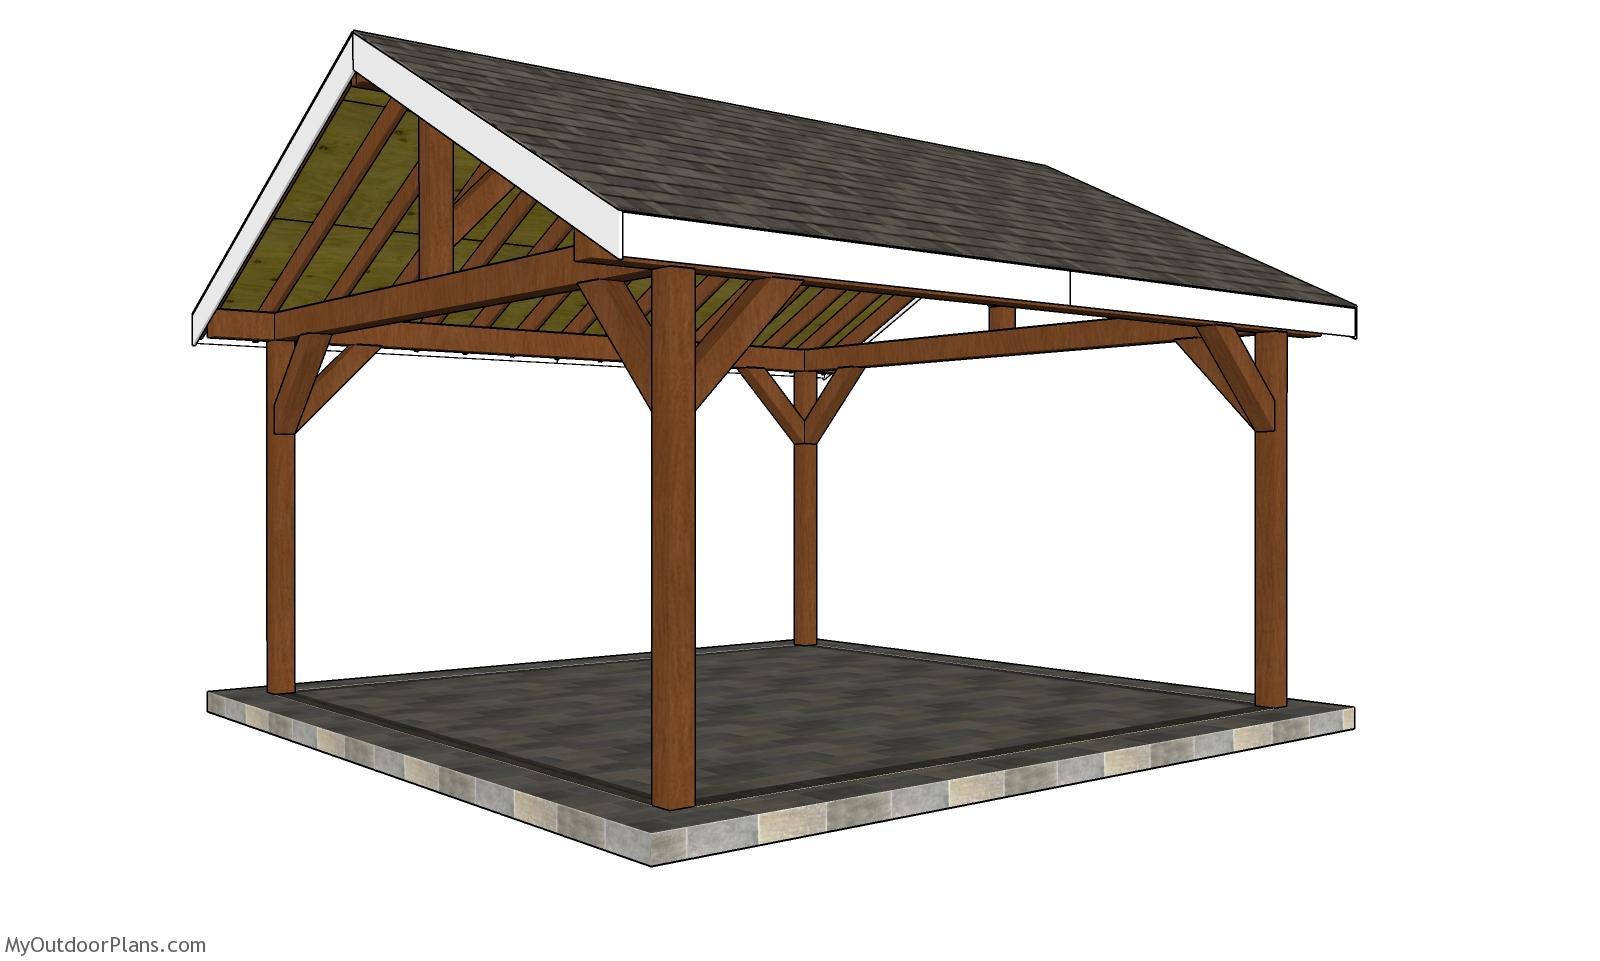 16x16 Gable Pavilion Plans